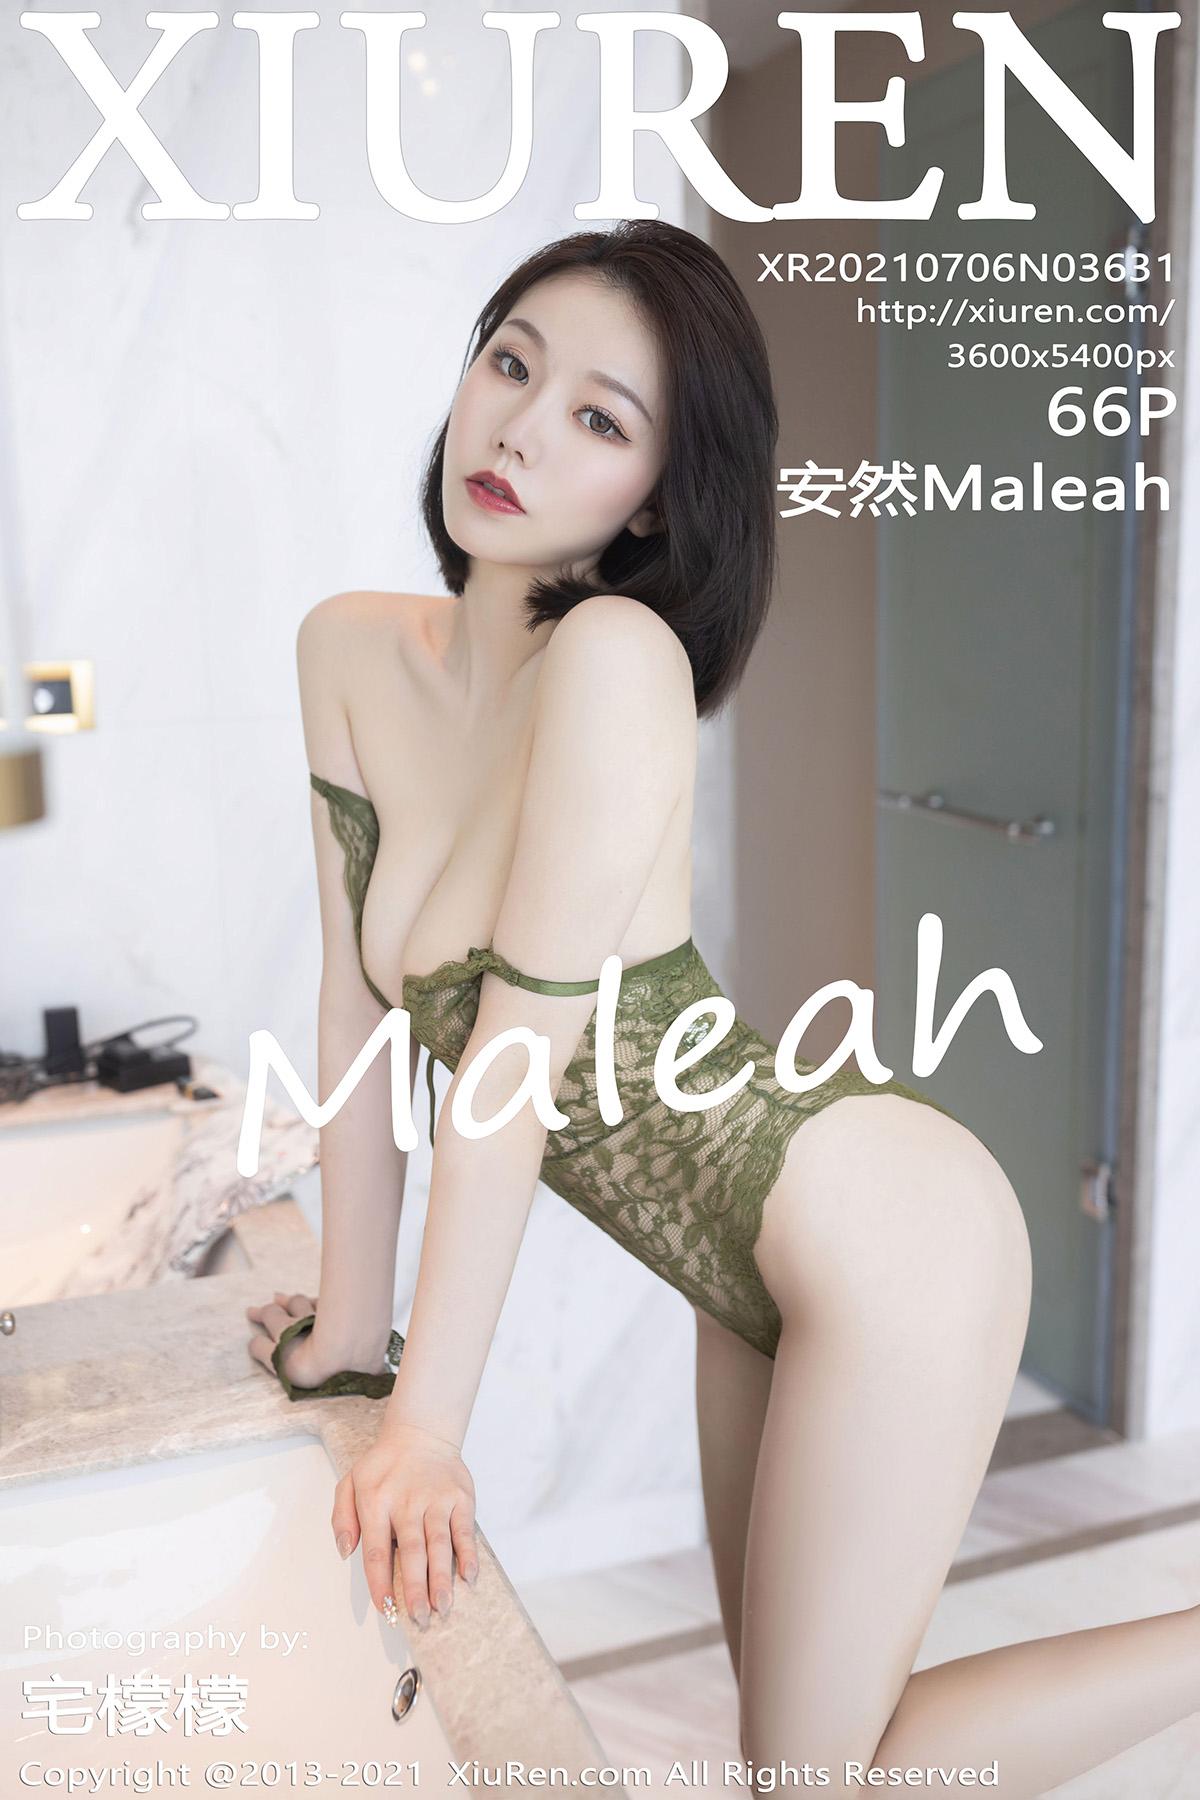 [XiuRen秀人網] 2021.07.06 No.3631 安然Maleah 綠色情趣主題寫真 [66P] - 貼圖 - 清涼寫真 -